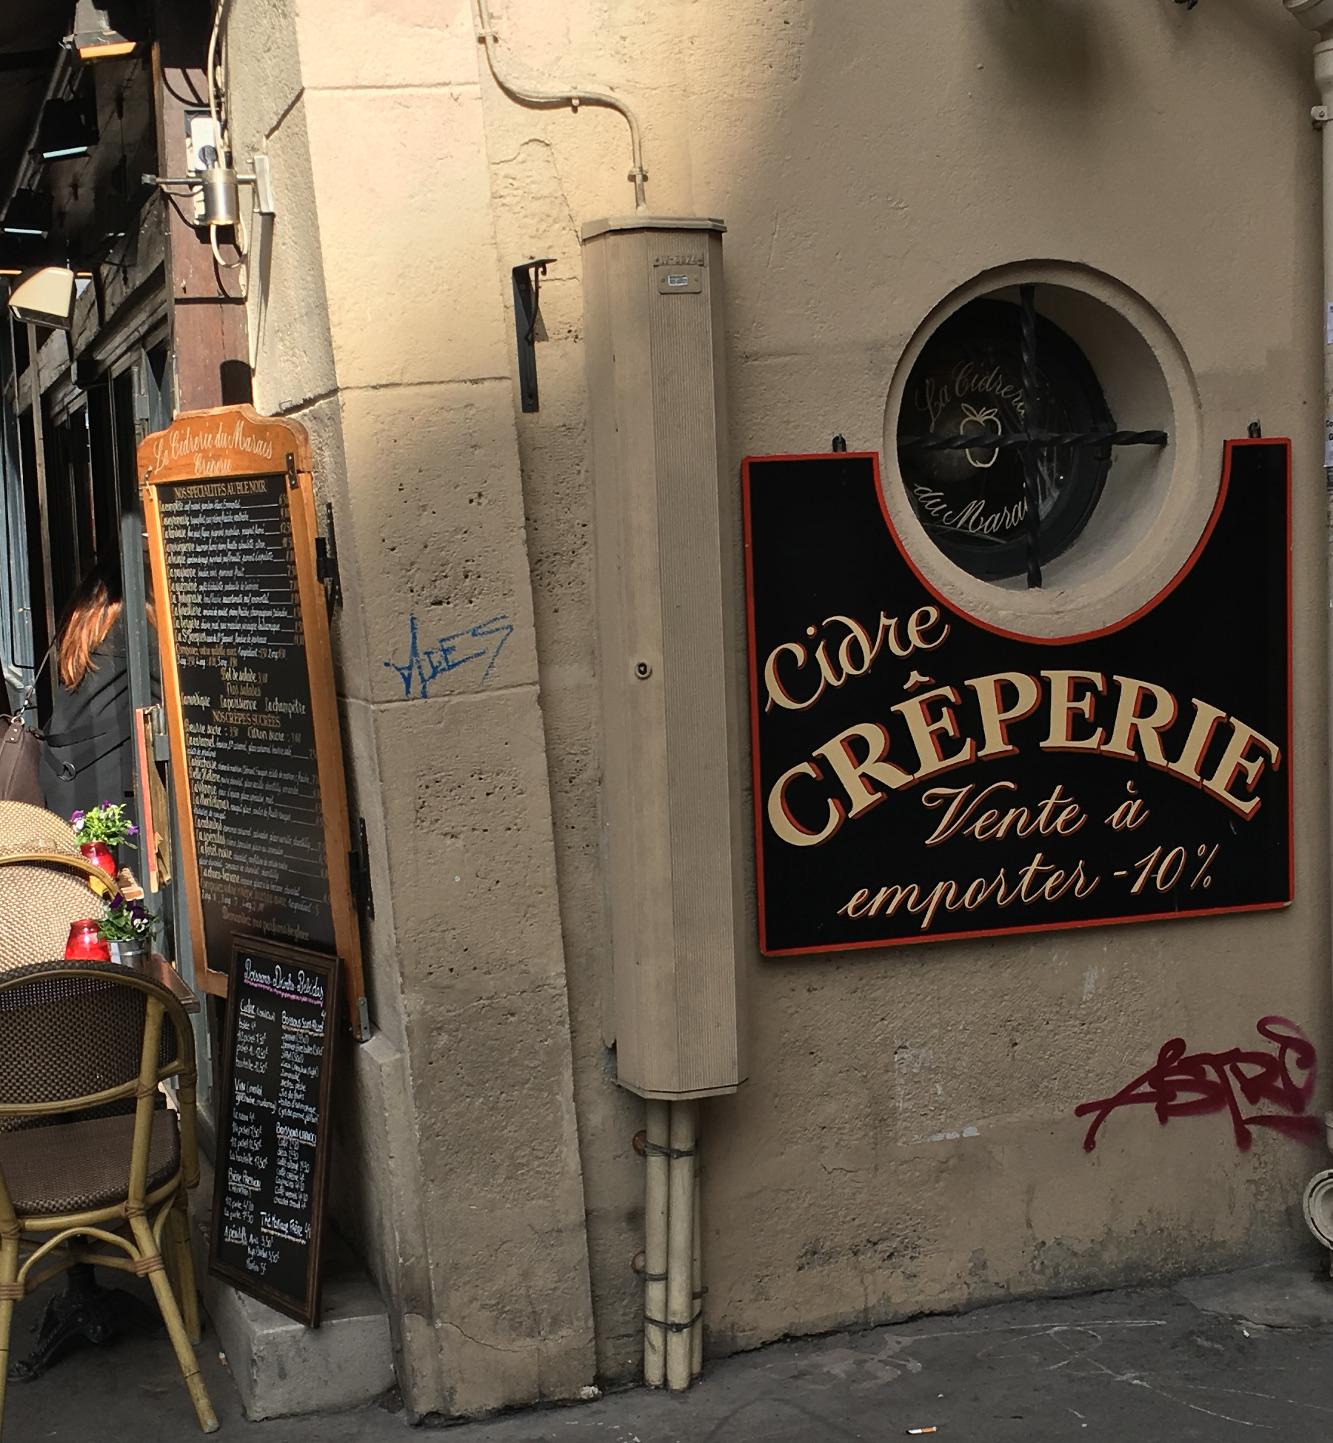 Paris restaurant Cidre Creperie